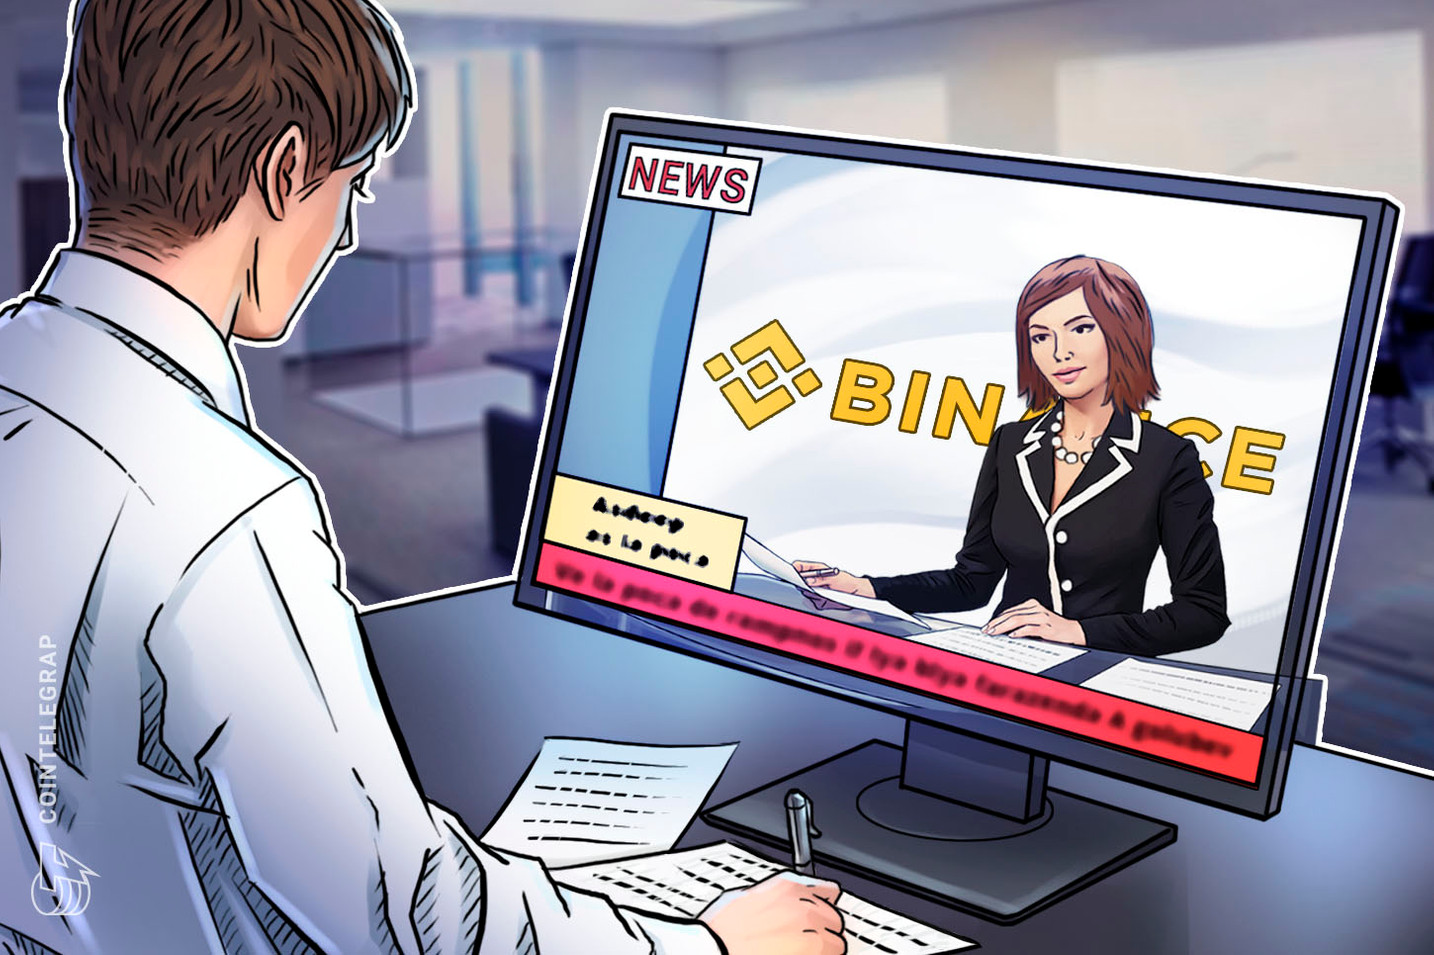 El CEO de Binance publica una actualización de los incidentes de seguridad y se disculpa por el comentario de una reorganización de la blockchain